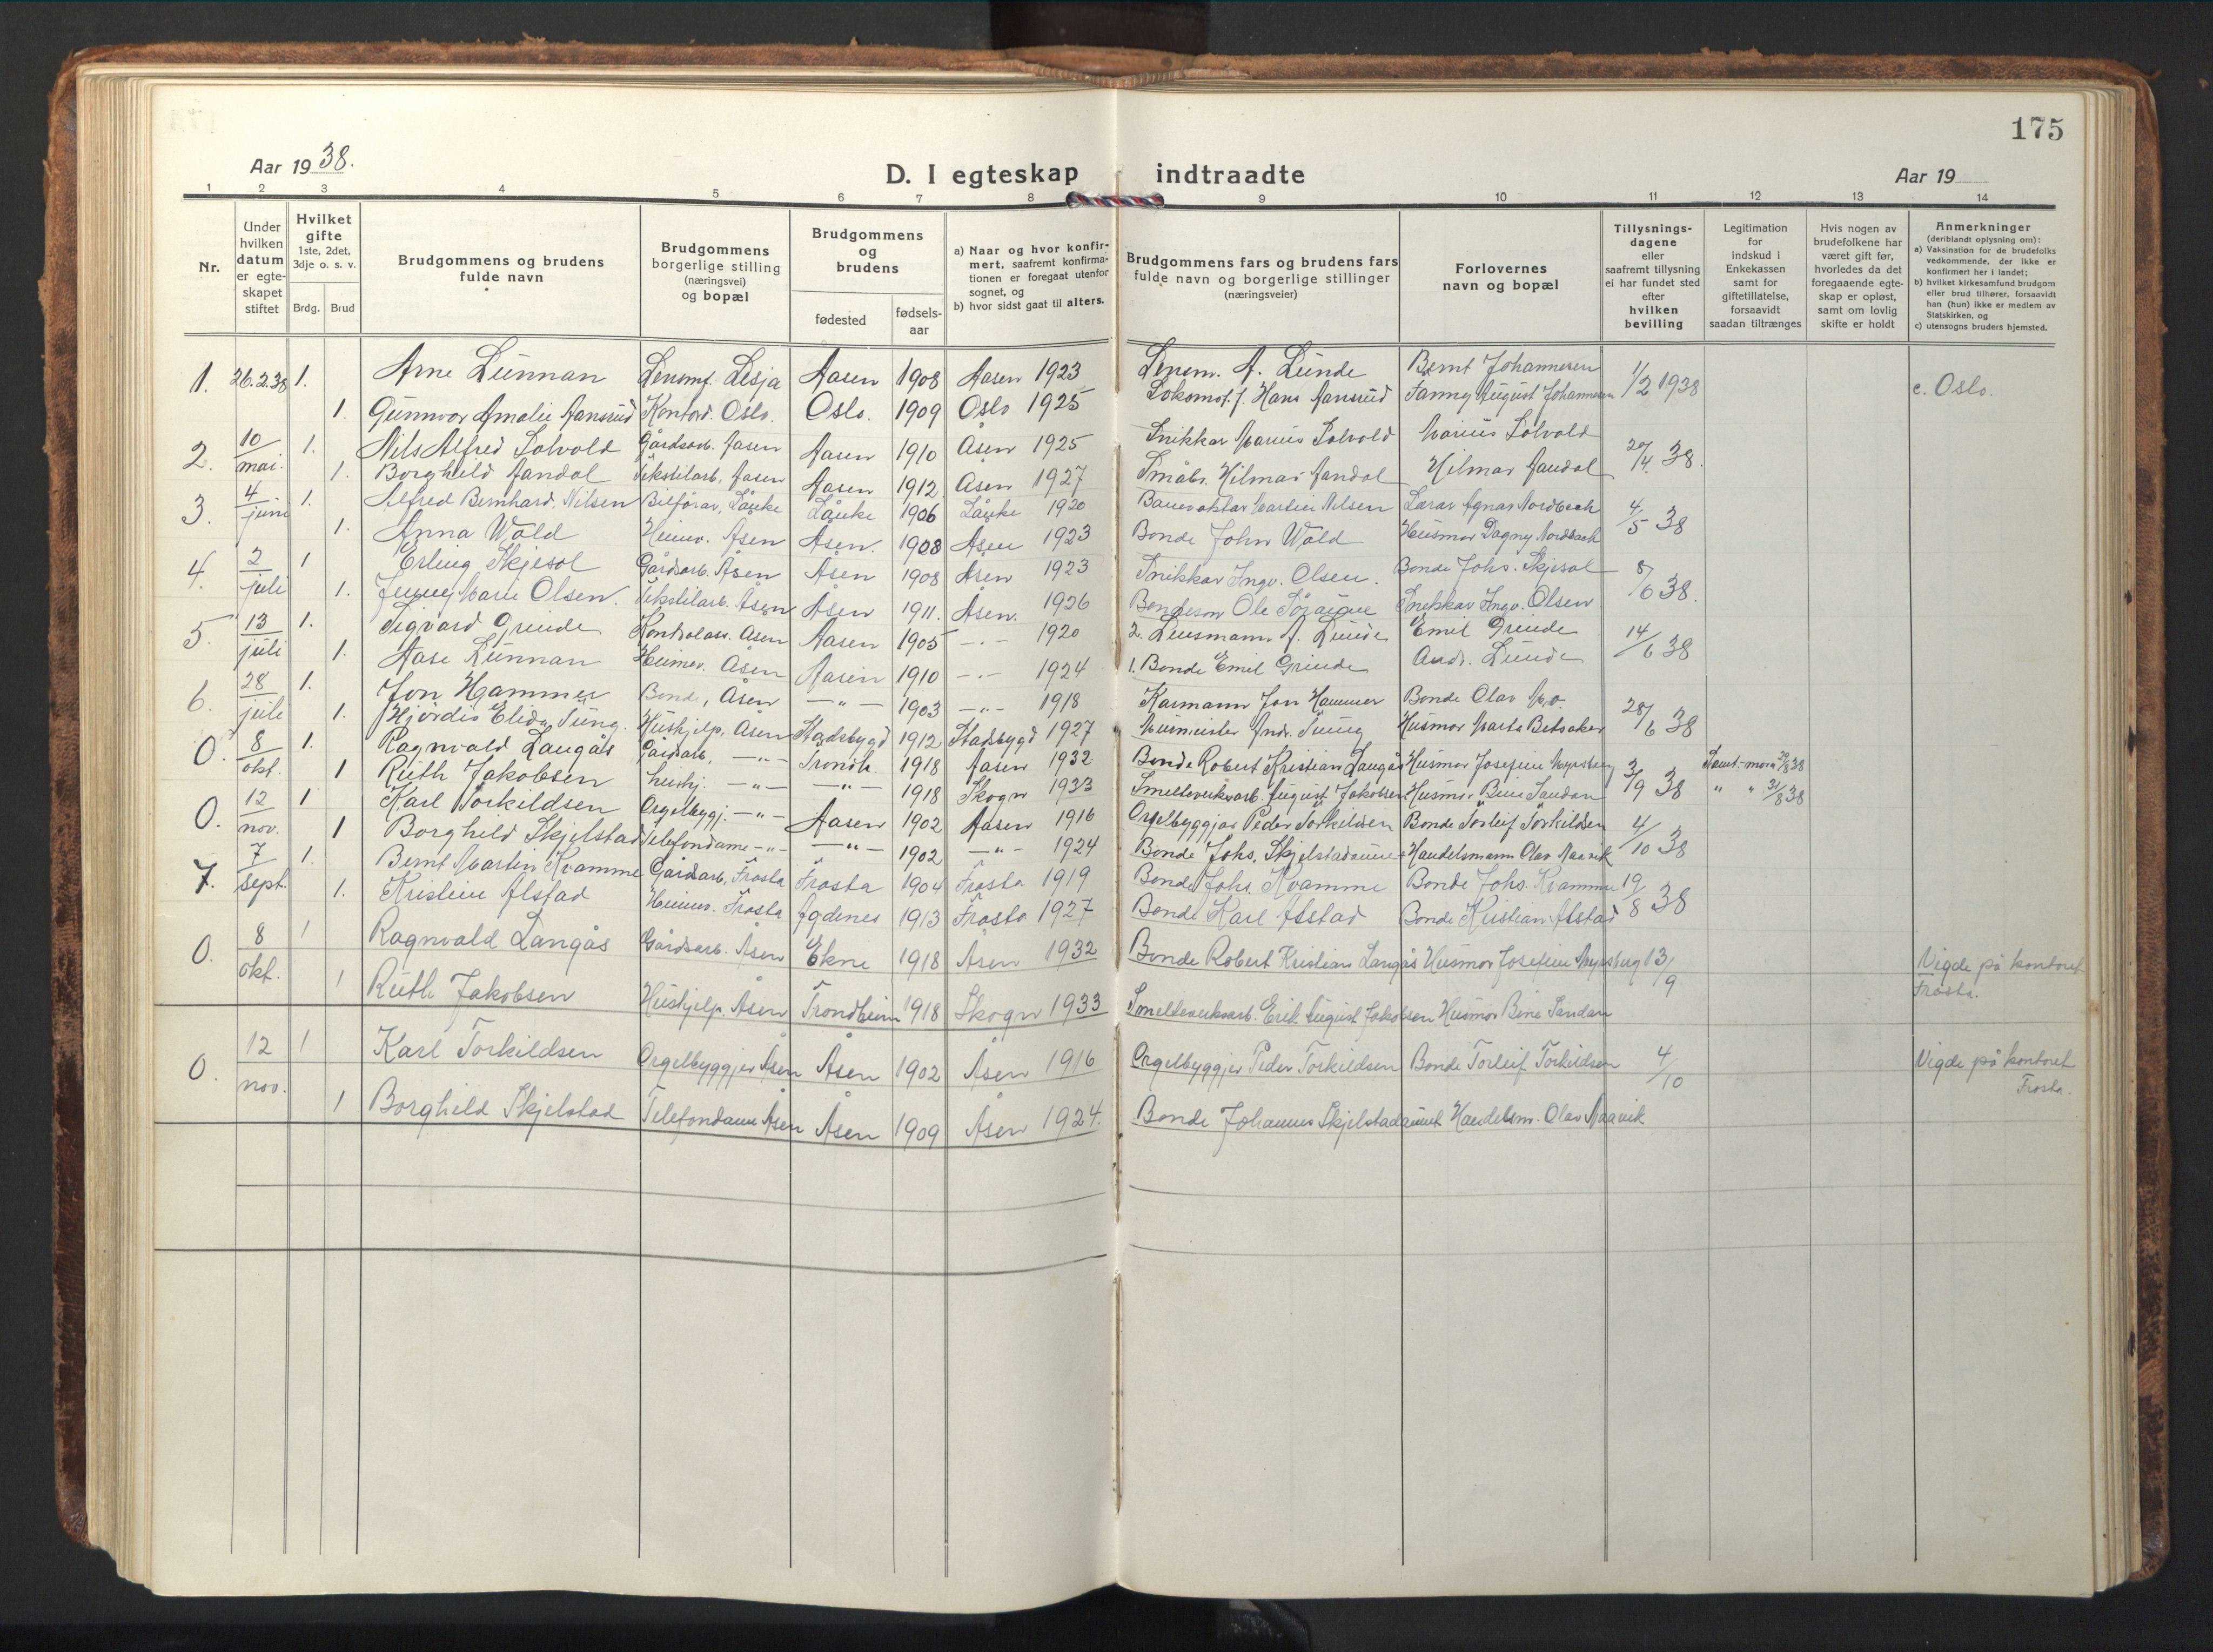 SAT, Ministerialprotokoller, klokkerbøker og fødselsregistre - Nord-Trøndelag, 714/L0136: Klokkerbok nr. 714C05, 1918-1957, s. 175